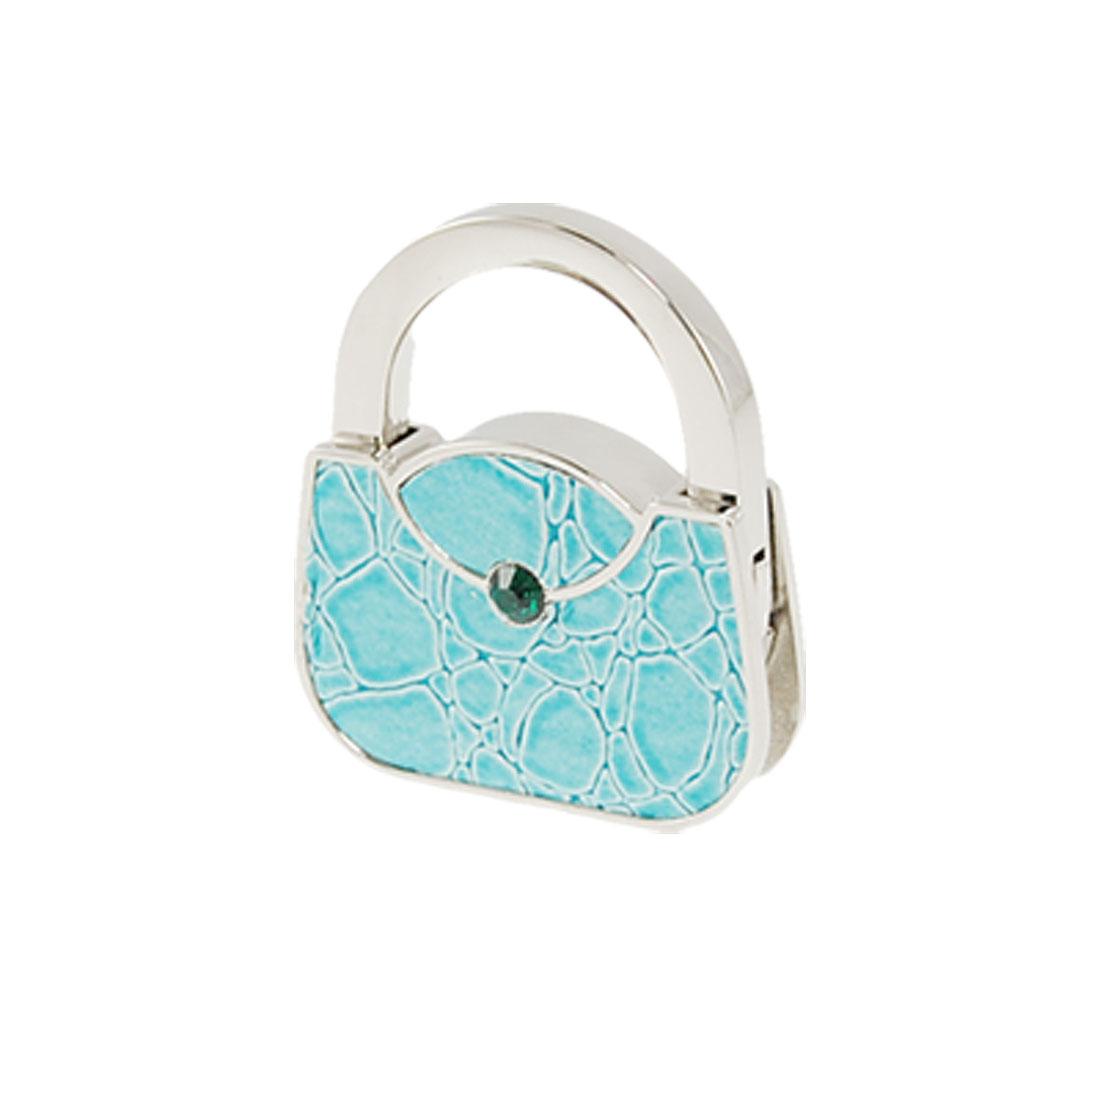 Handbag Shape Purse Crocodile Print Foldable Desk Hook